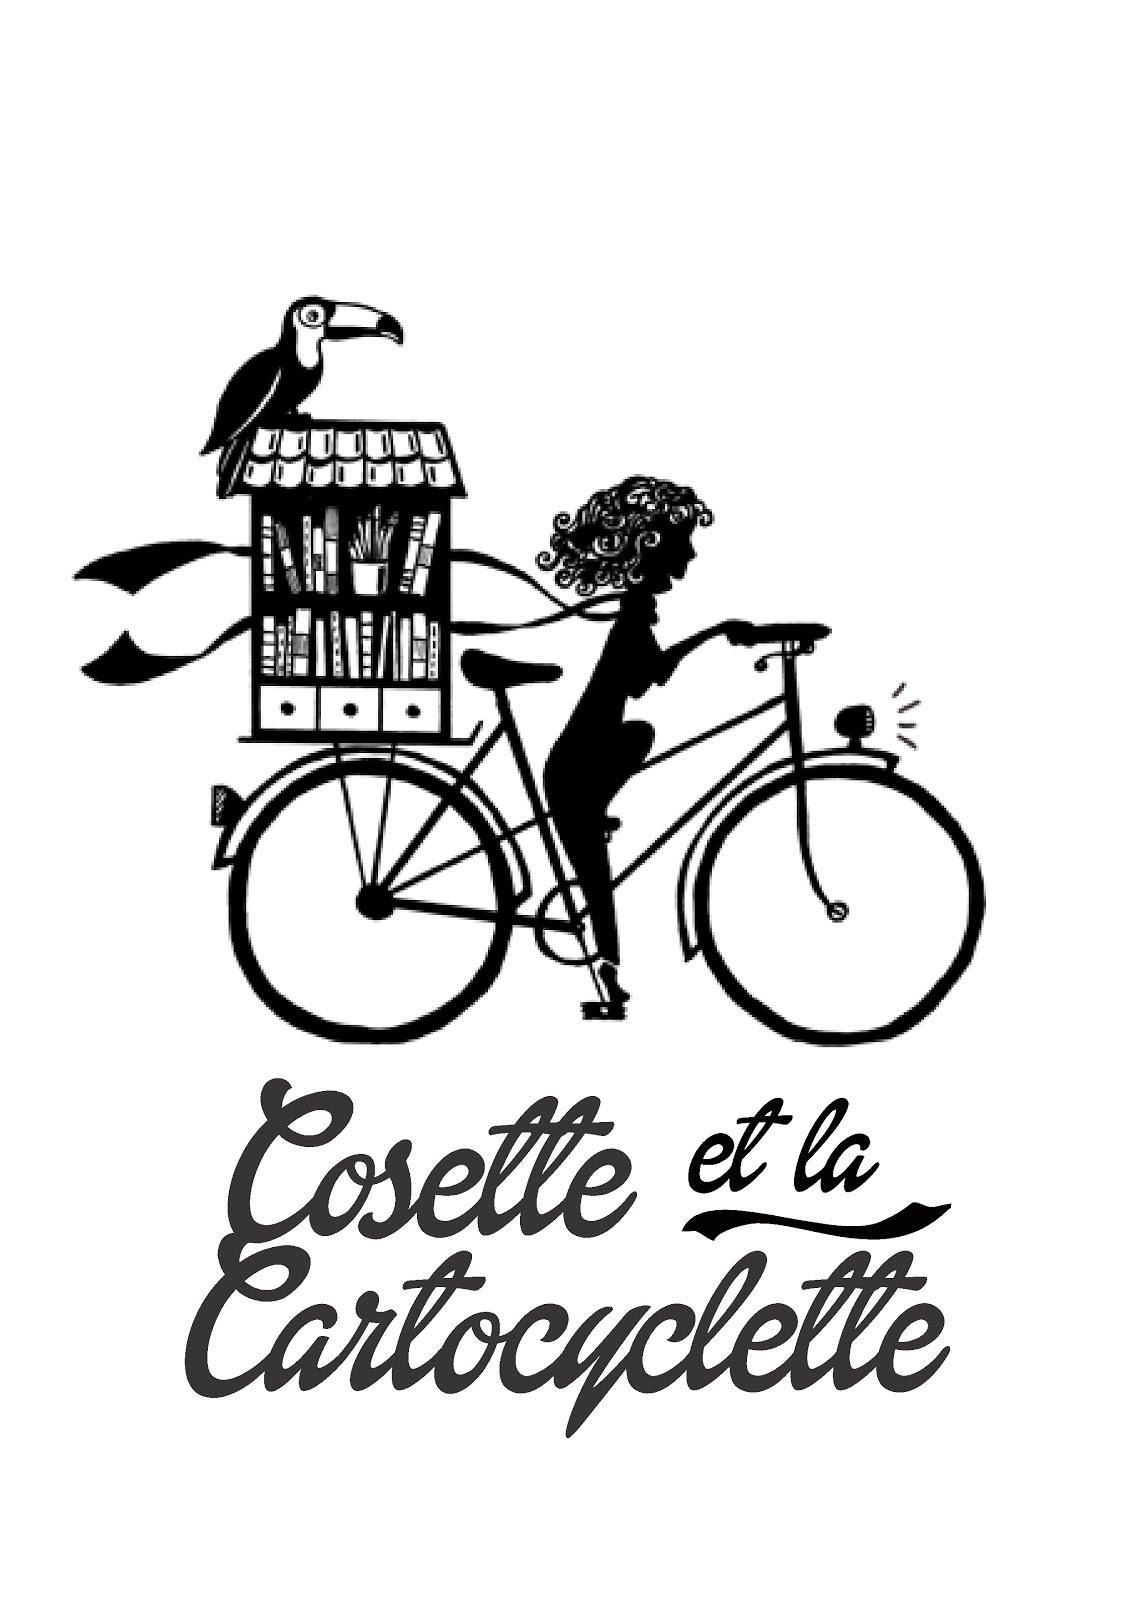 Suivez les aventures de Cosette et la Cartocyclette en cliquant sur l'image !